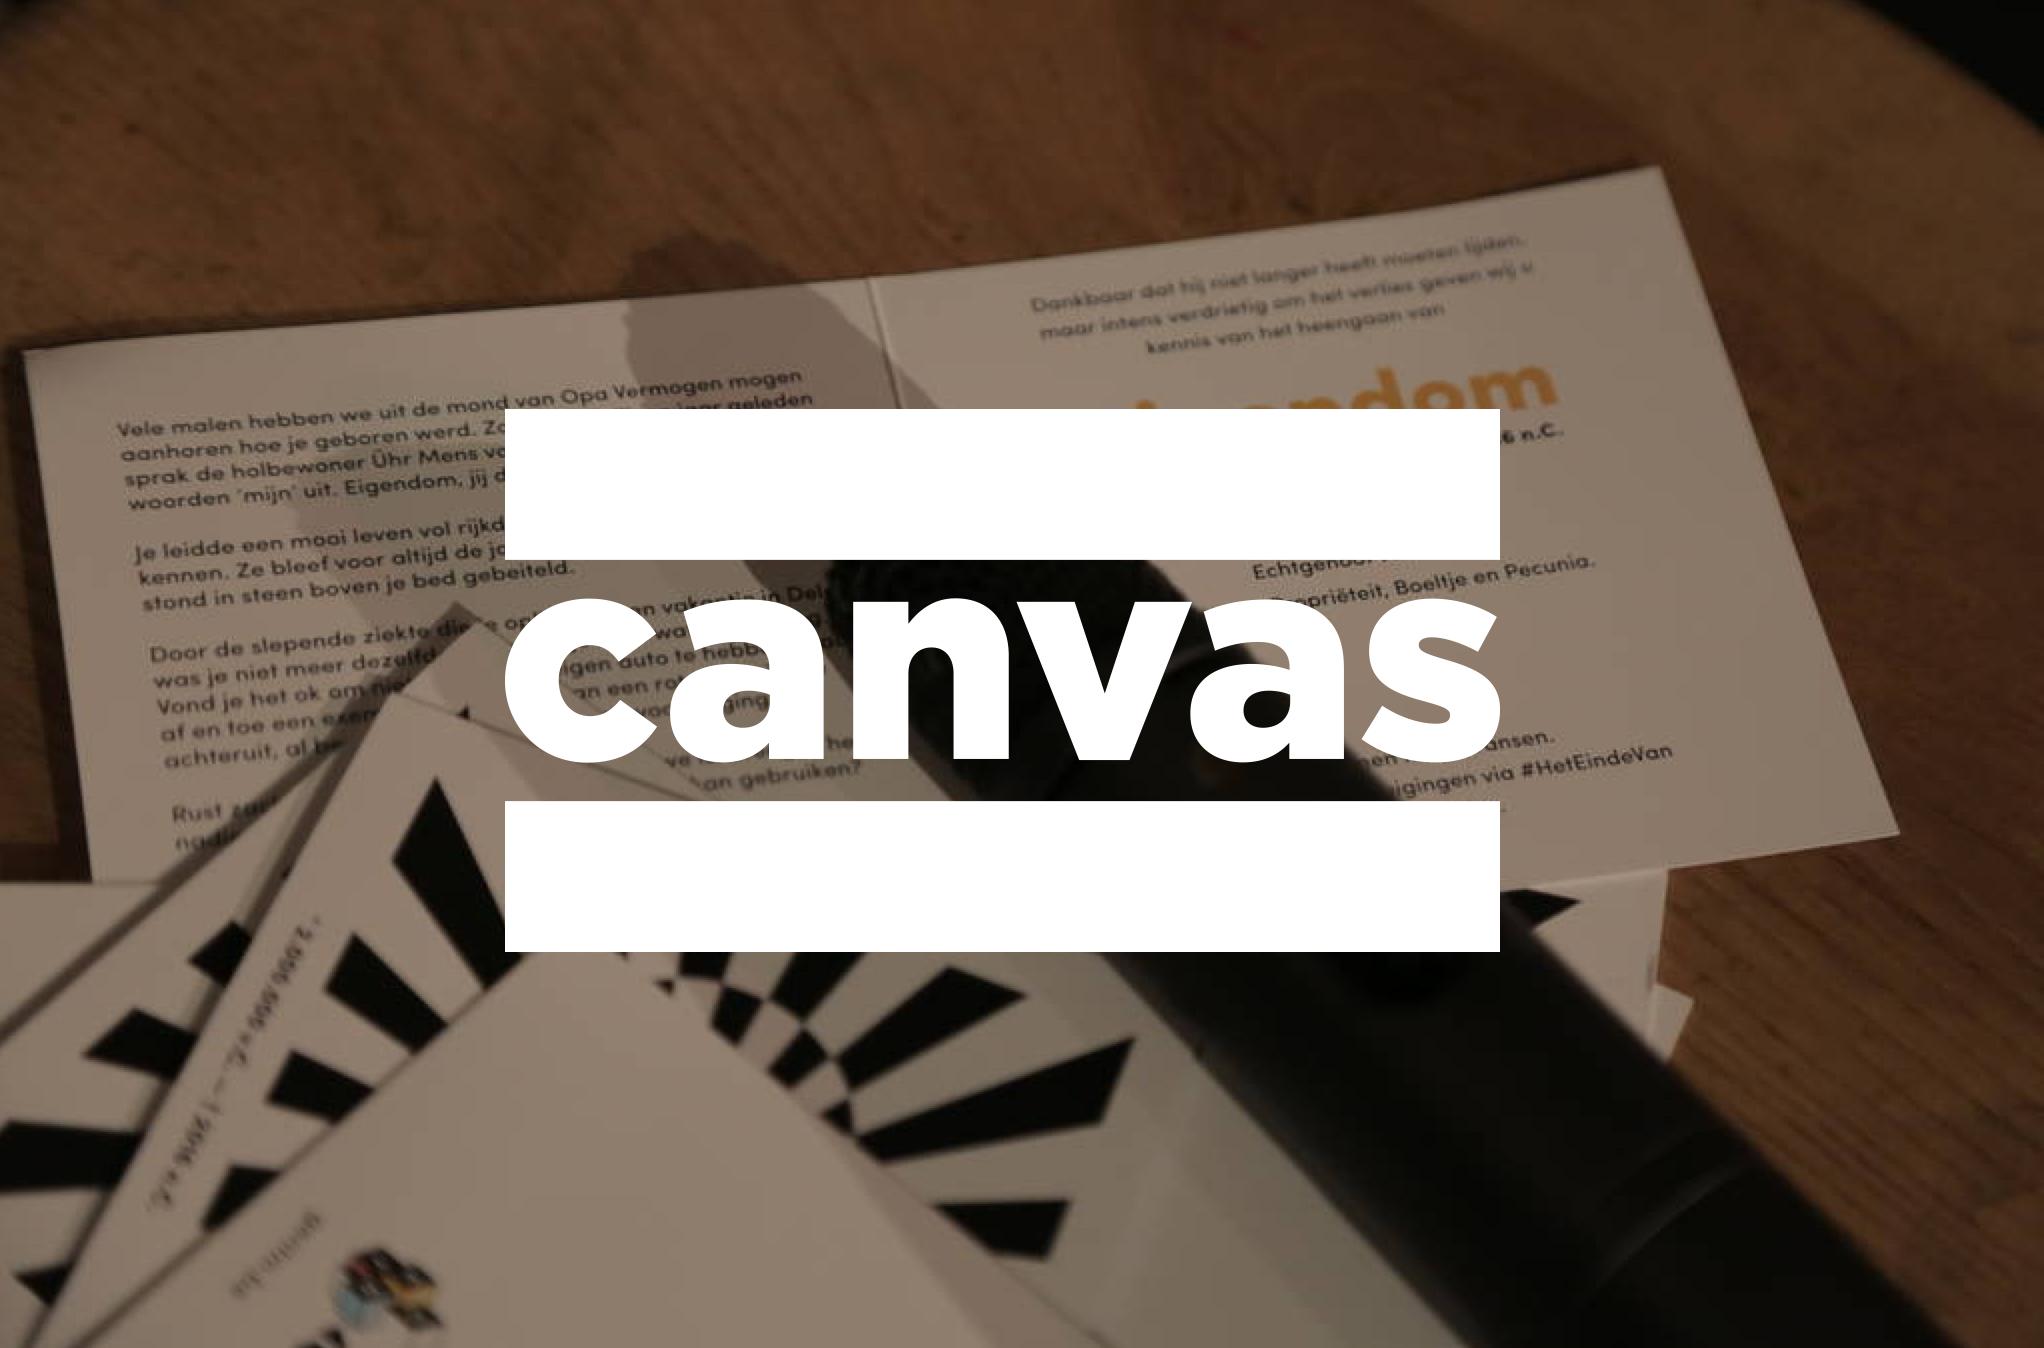 Het verslag van Canvas over het einde van eigendom.